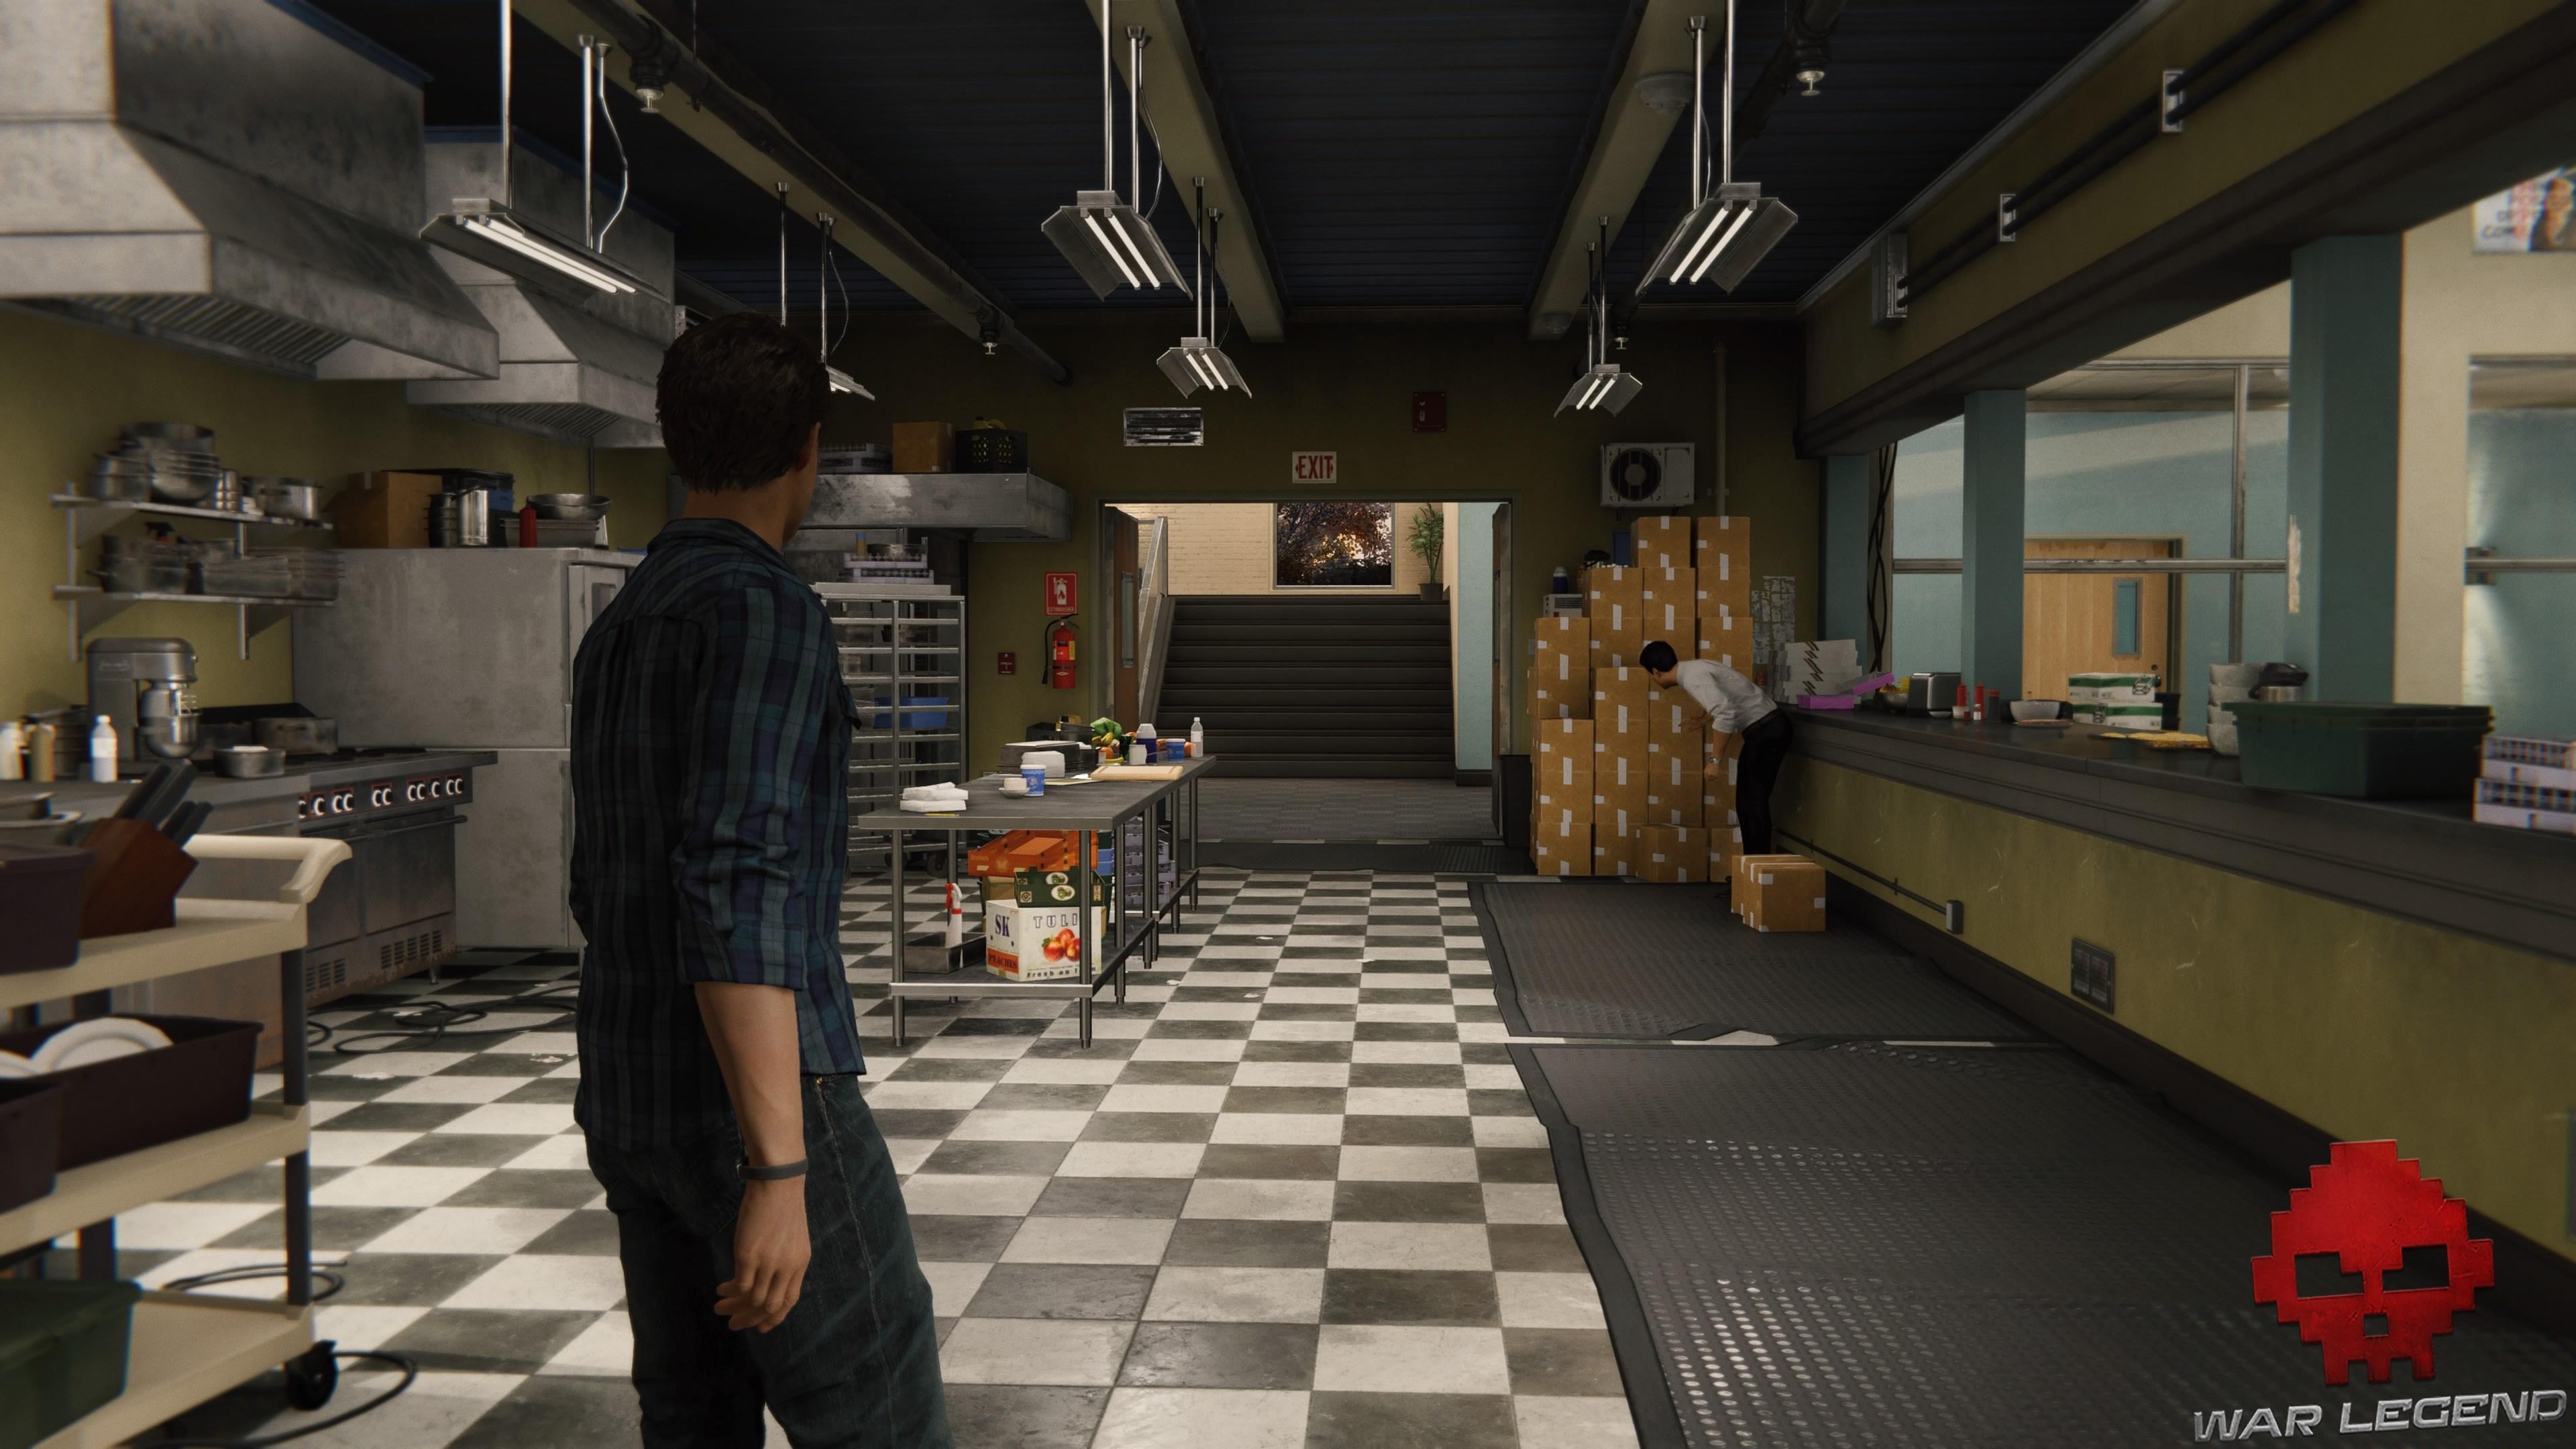 Peter Parker traverse une cuisine